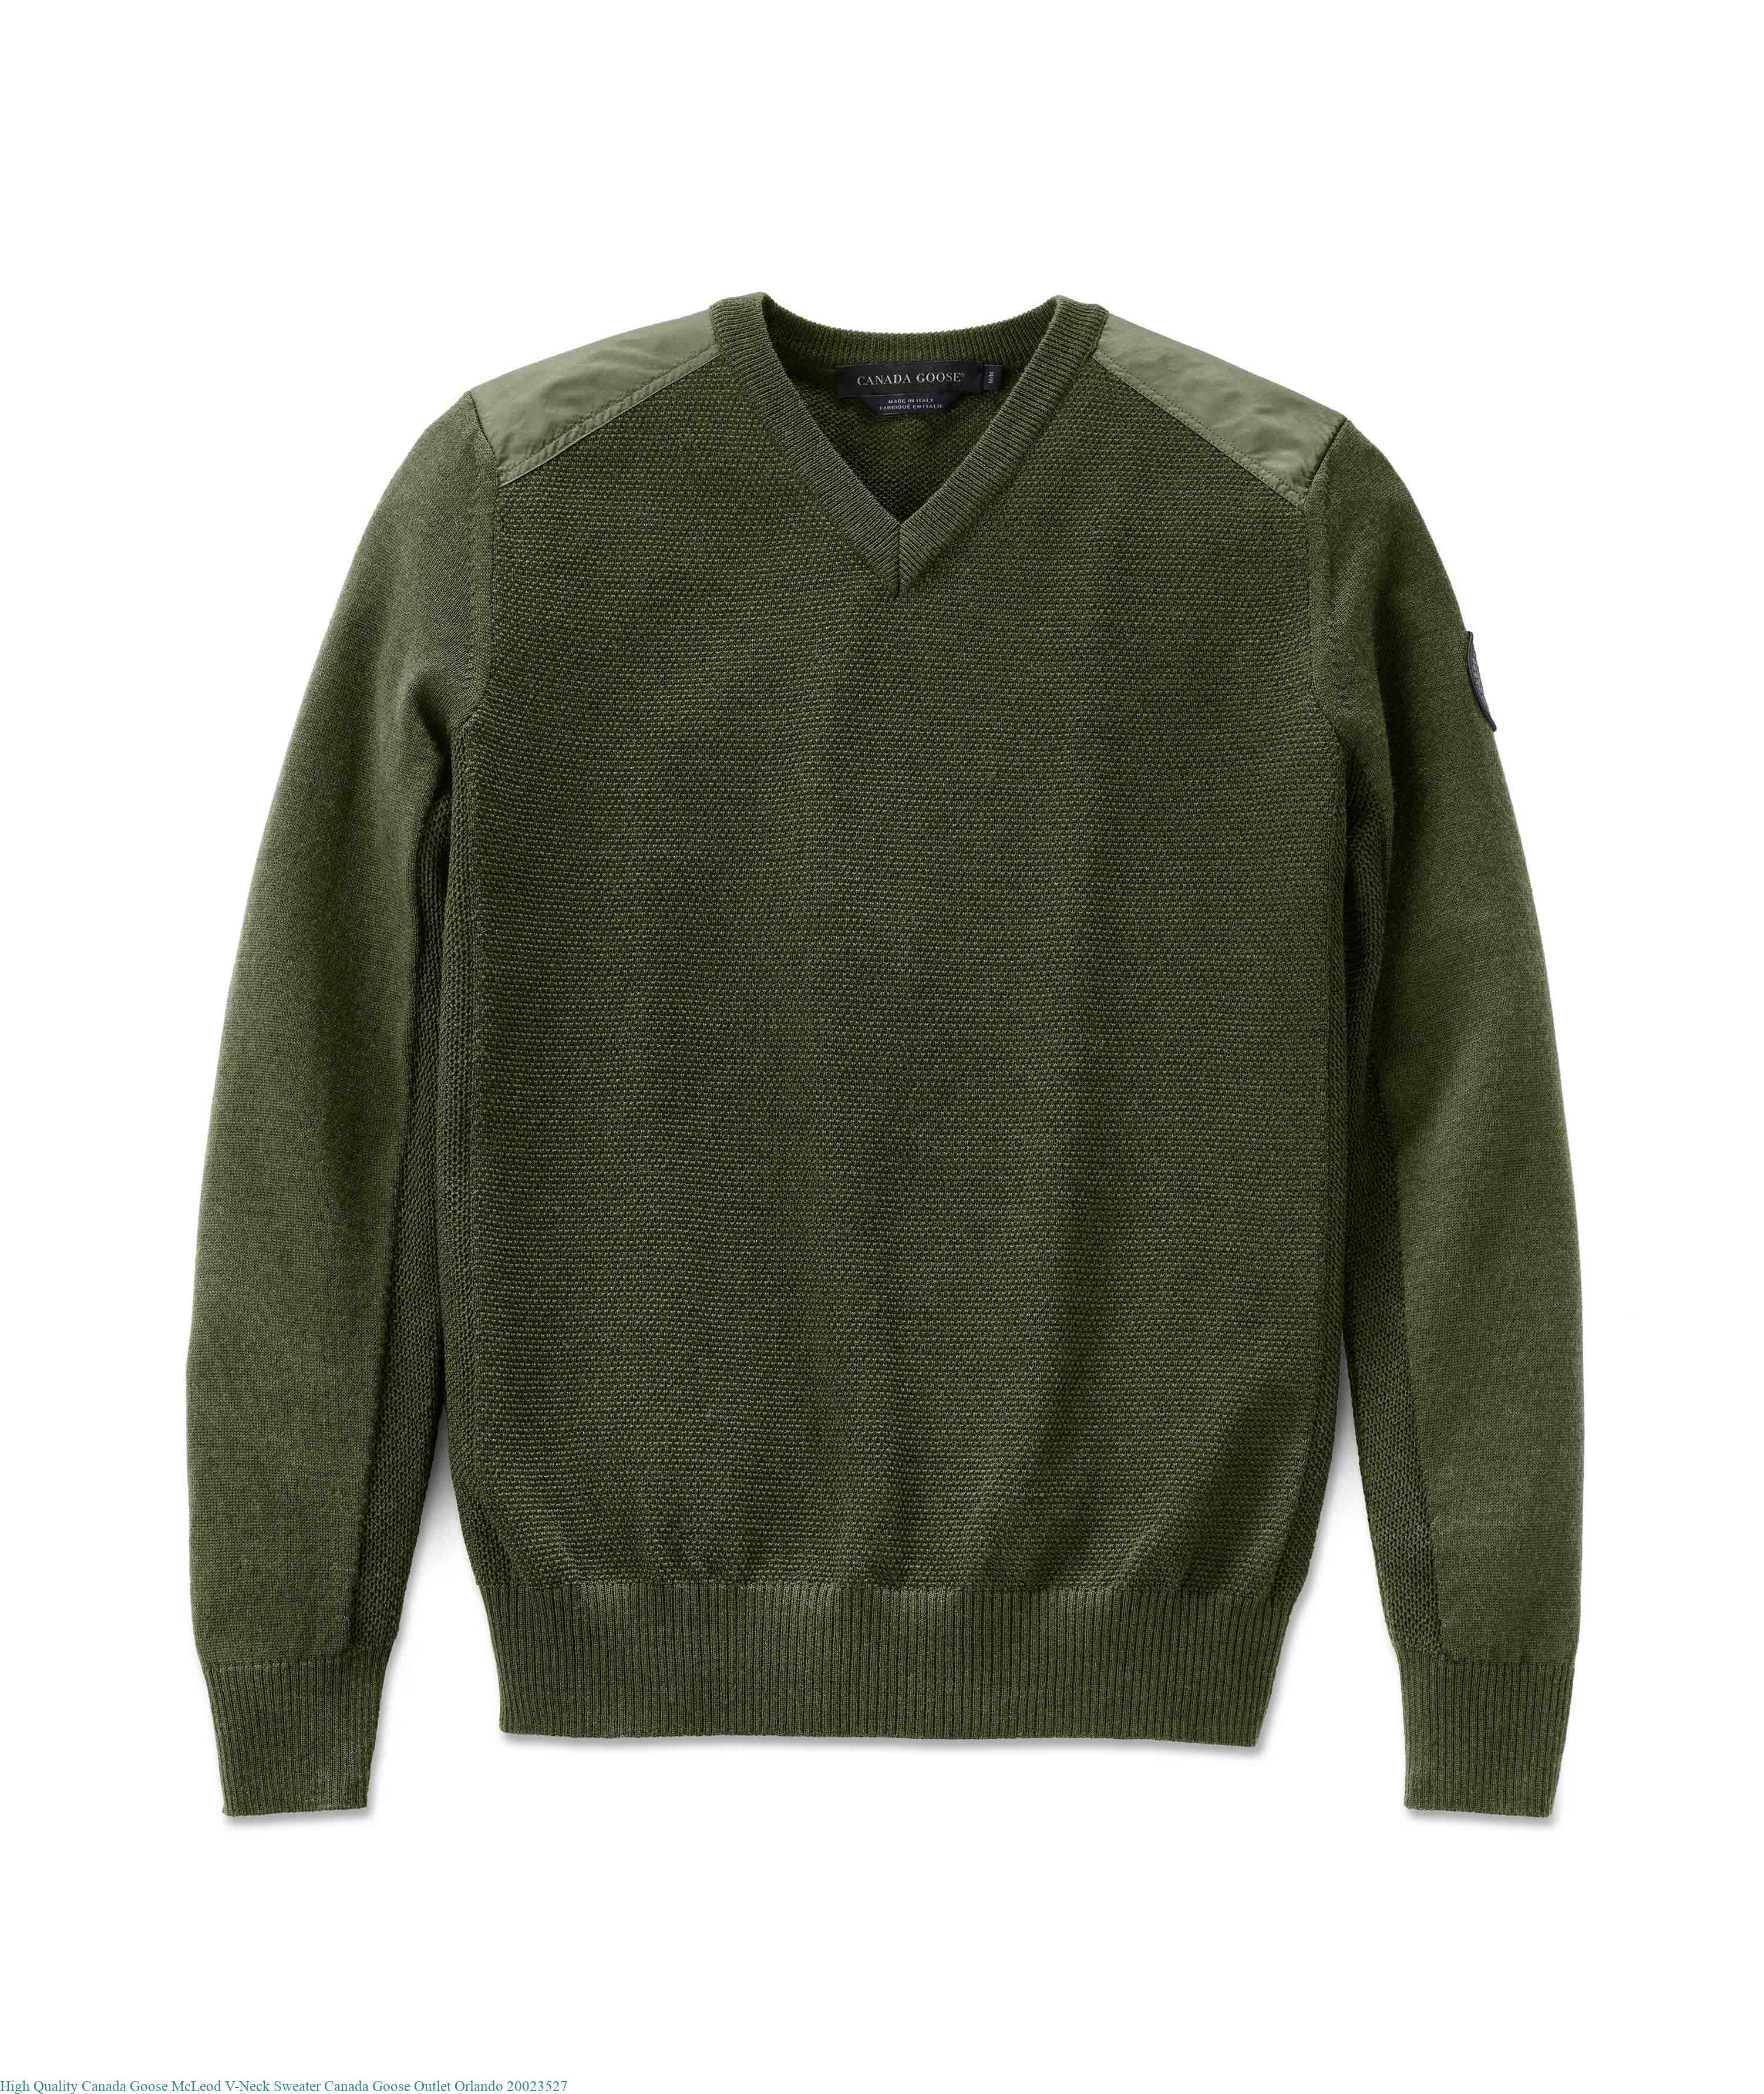 da01904d89e High Quality Canada Goose McLeod V-Neck Sweater Canada Goose Outlet Orlando  20023527